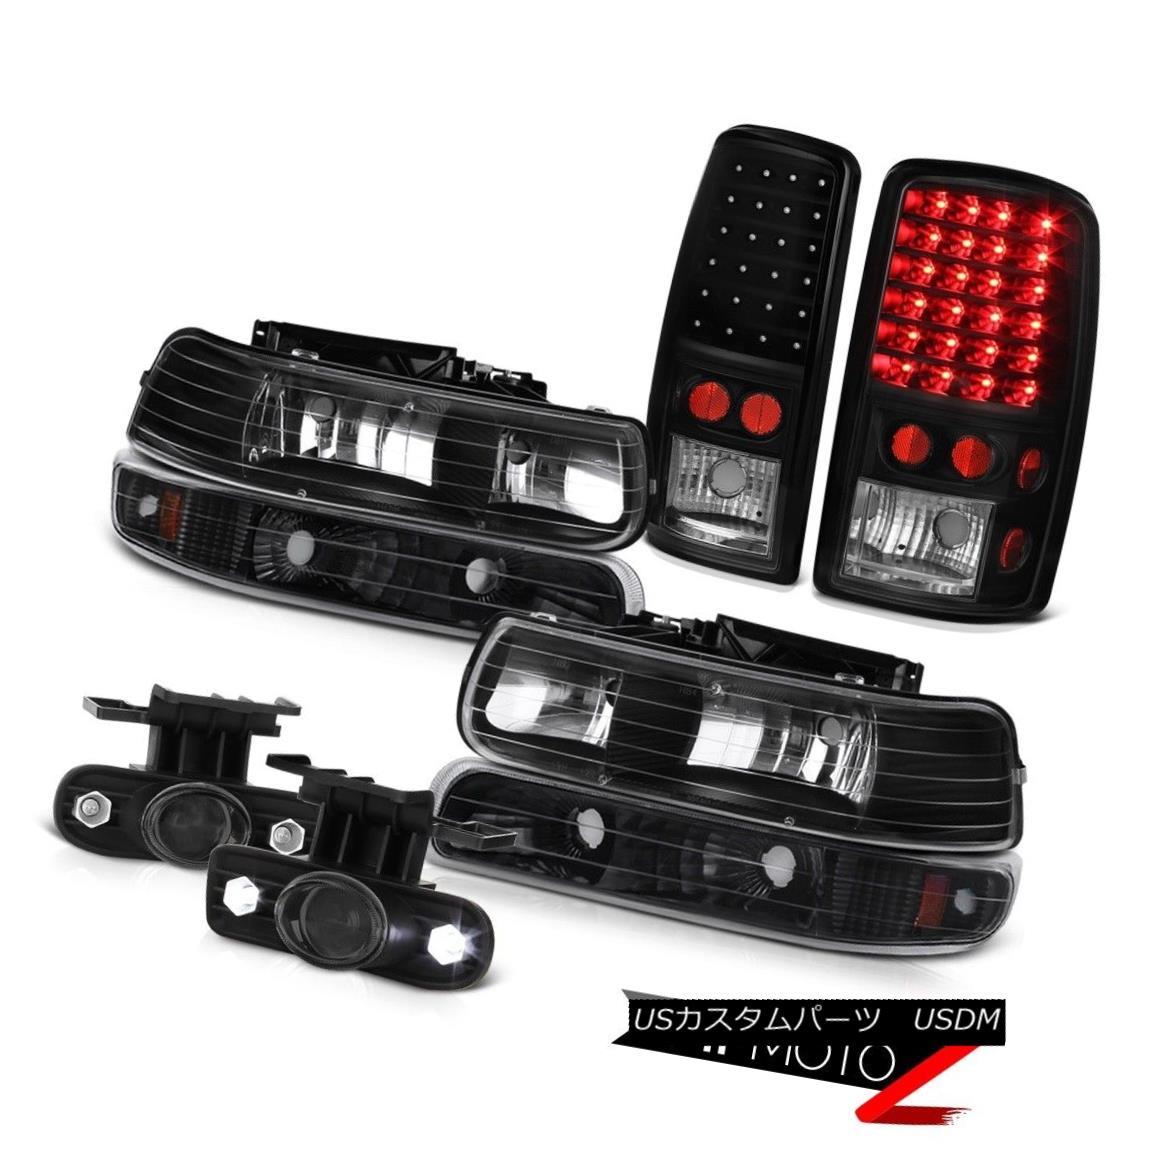 ヘッドライト 2000-2006 Suburban 6.0L Pair Black Headlamp LED Taillights Projector Tinted Fog 2000-2006郊外6.0LペアブラックヘッドランプLED尾灯プロジェクター着色霧